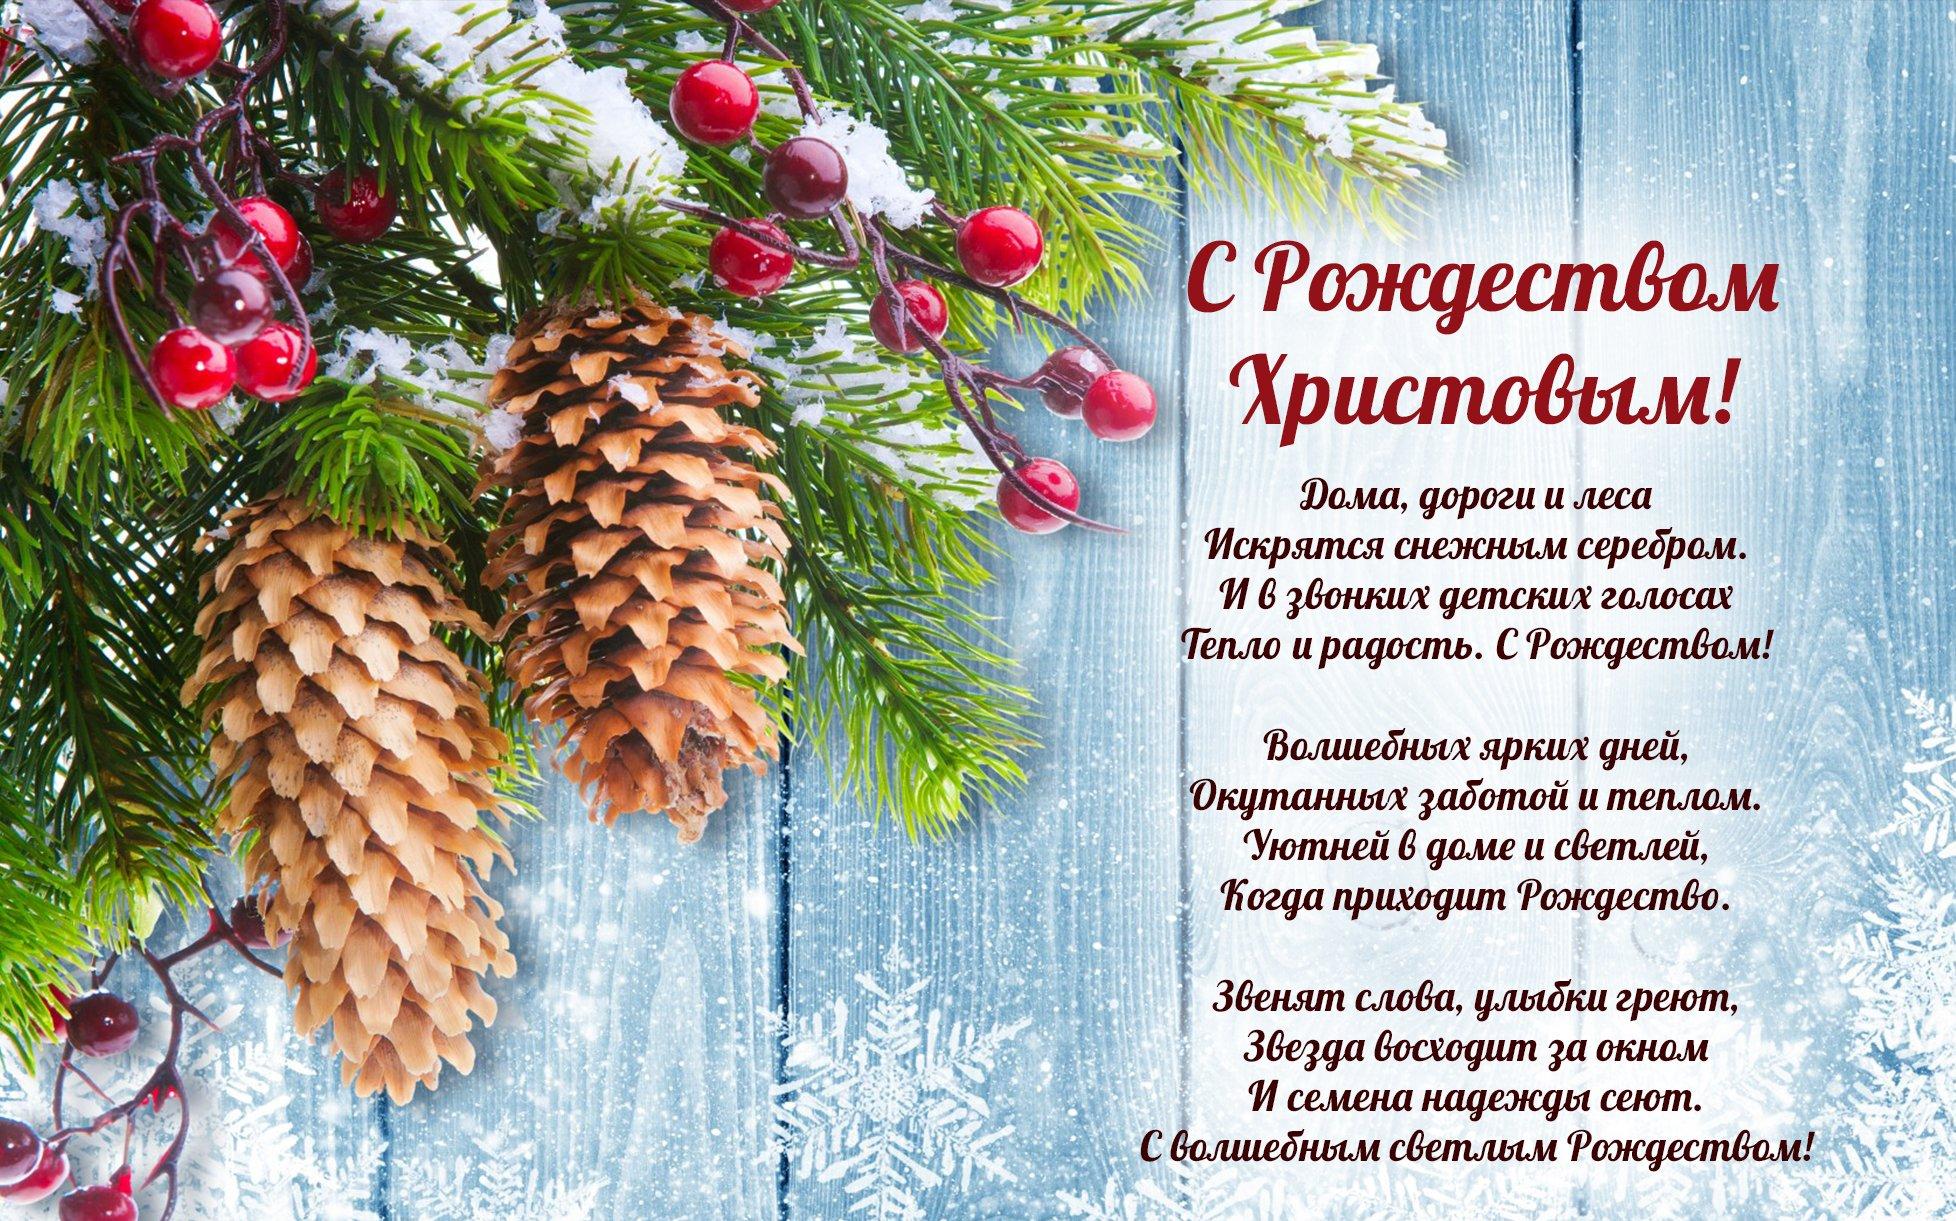 Картинка с рождеством с надписями